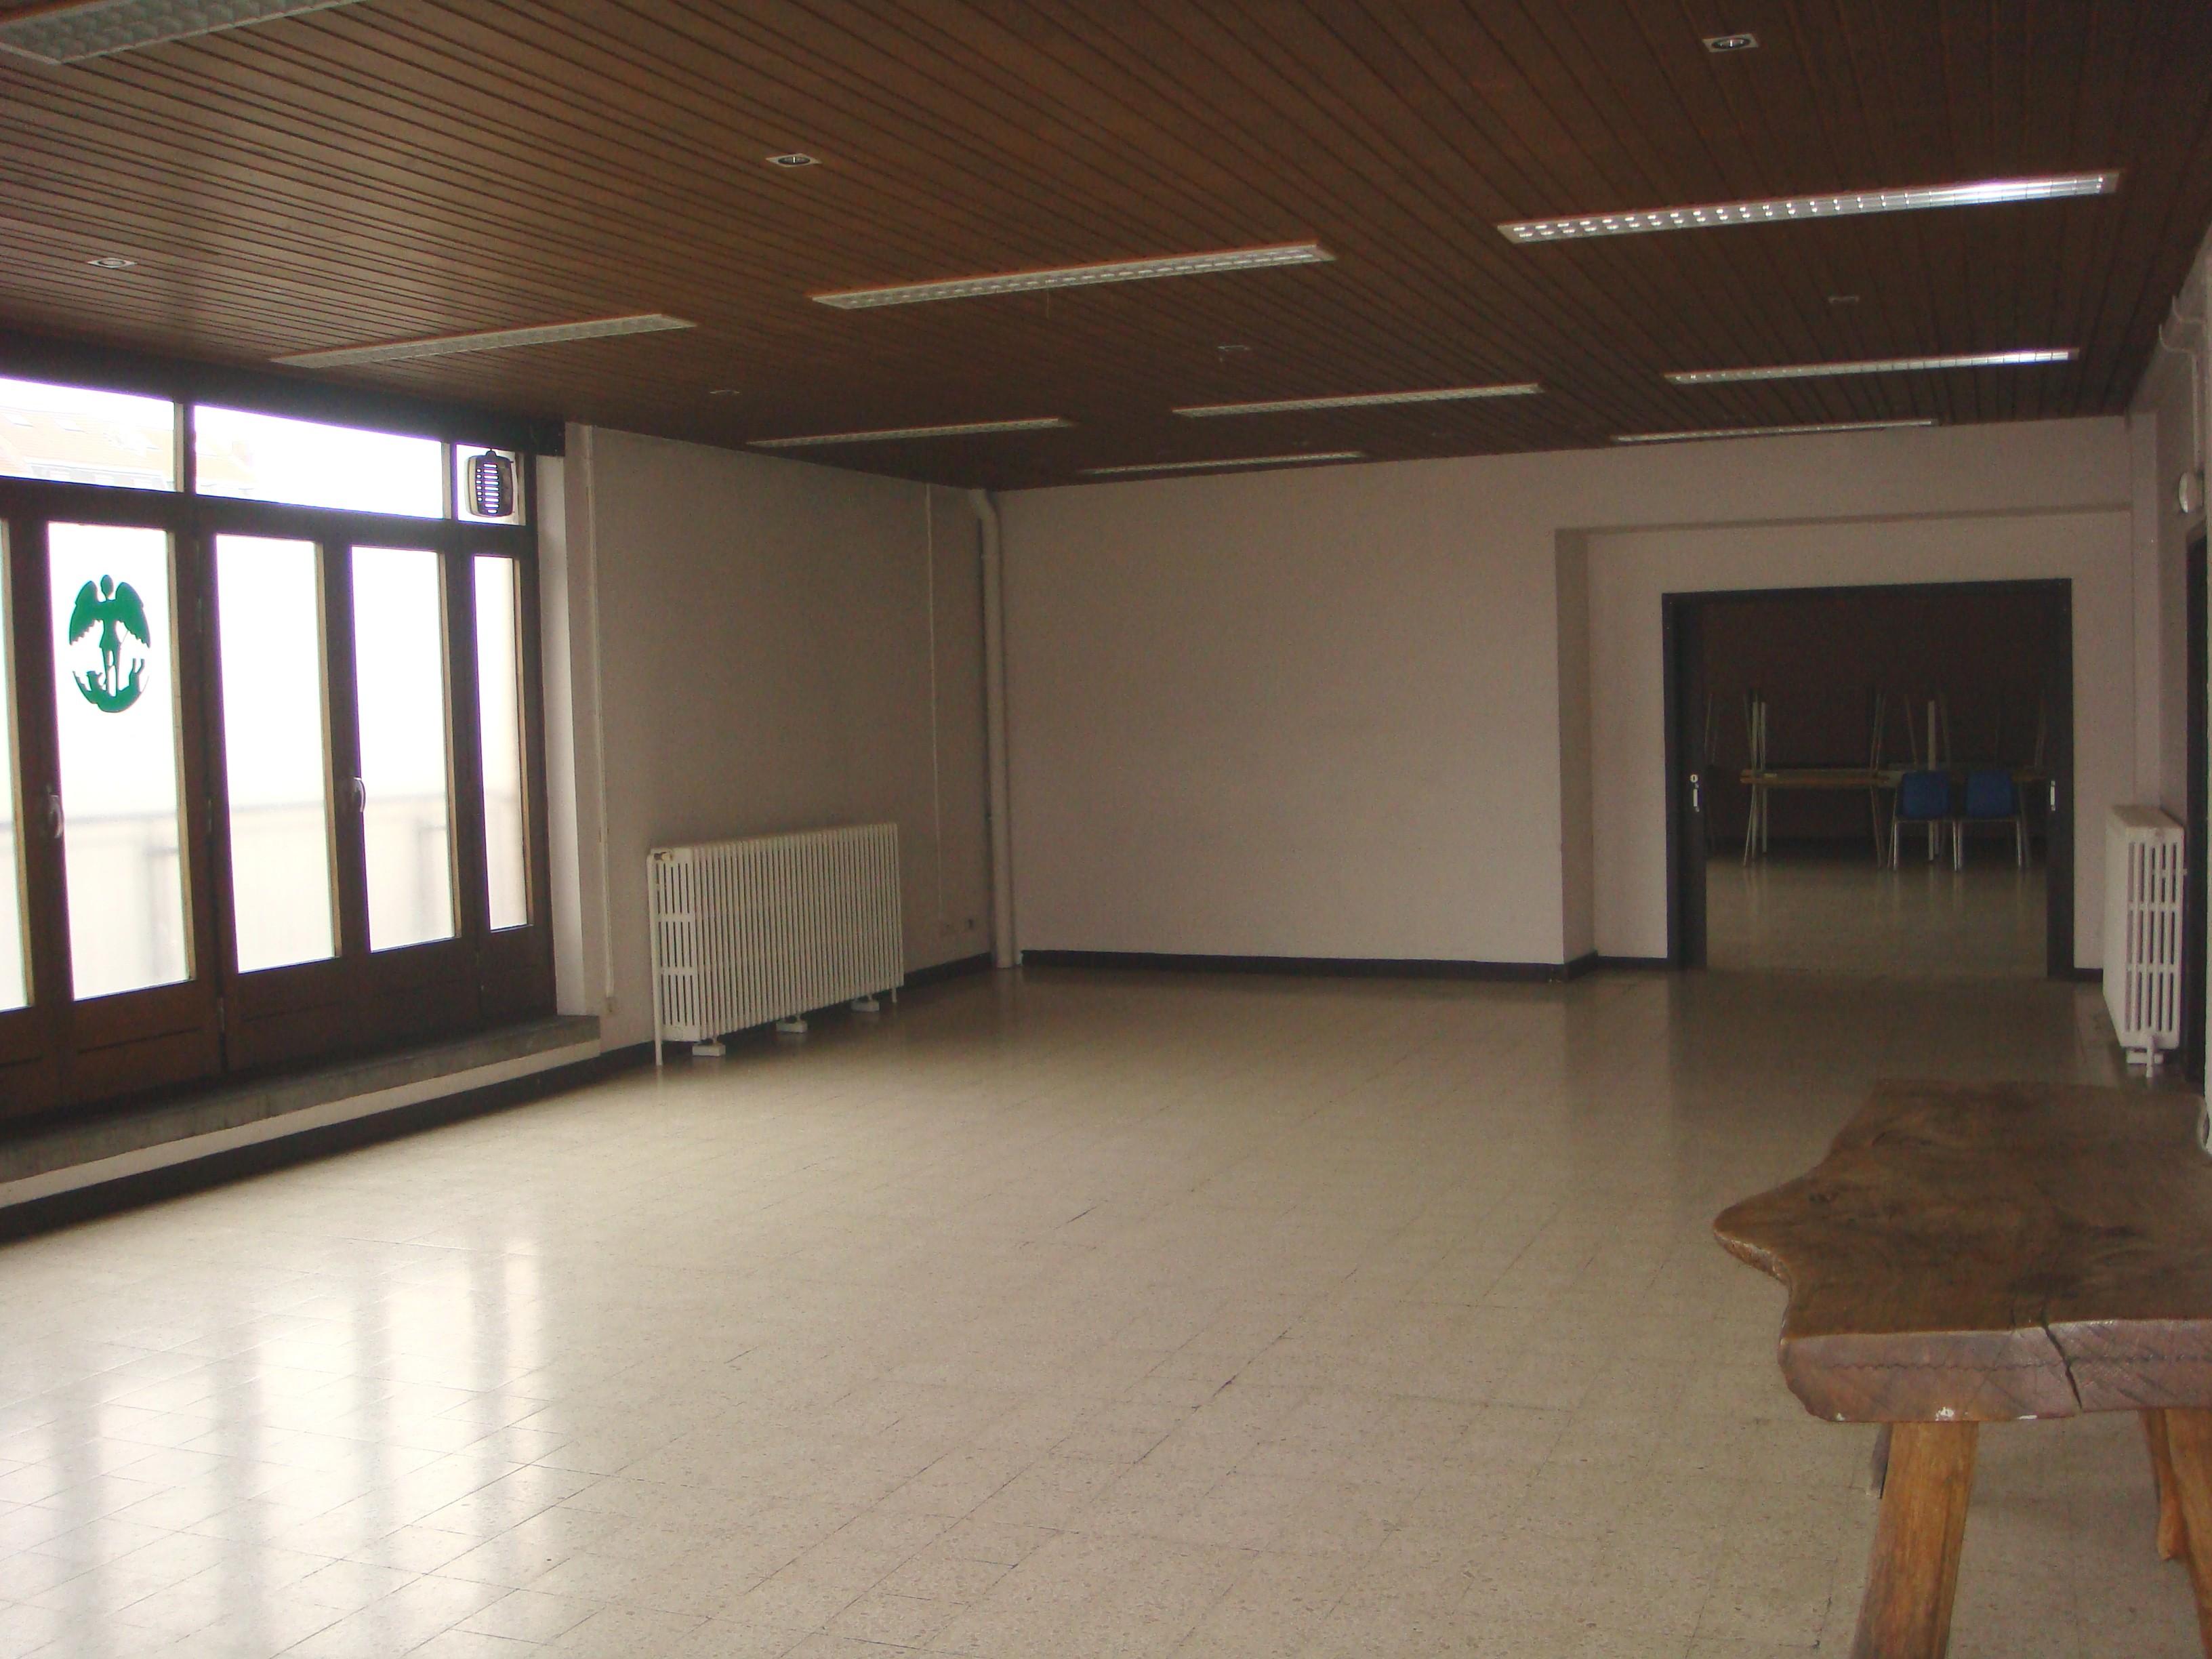 Salle De La Cle Jeunesse A Bruxelles